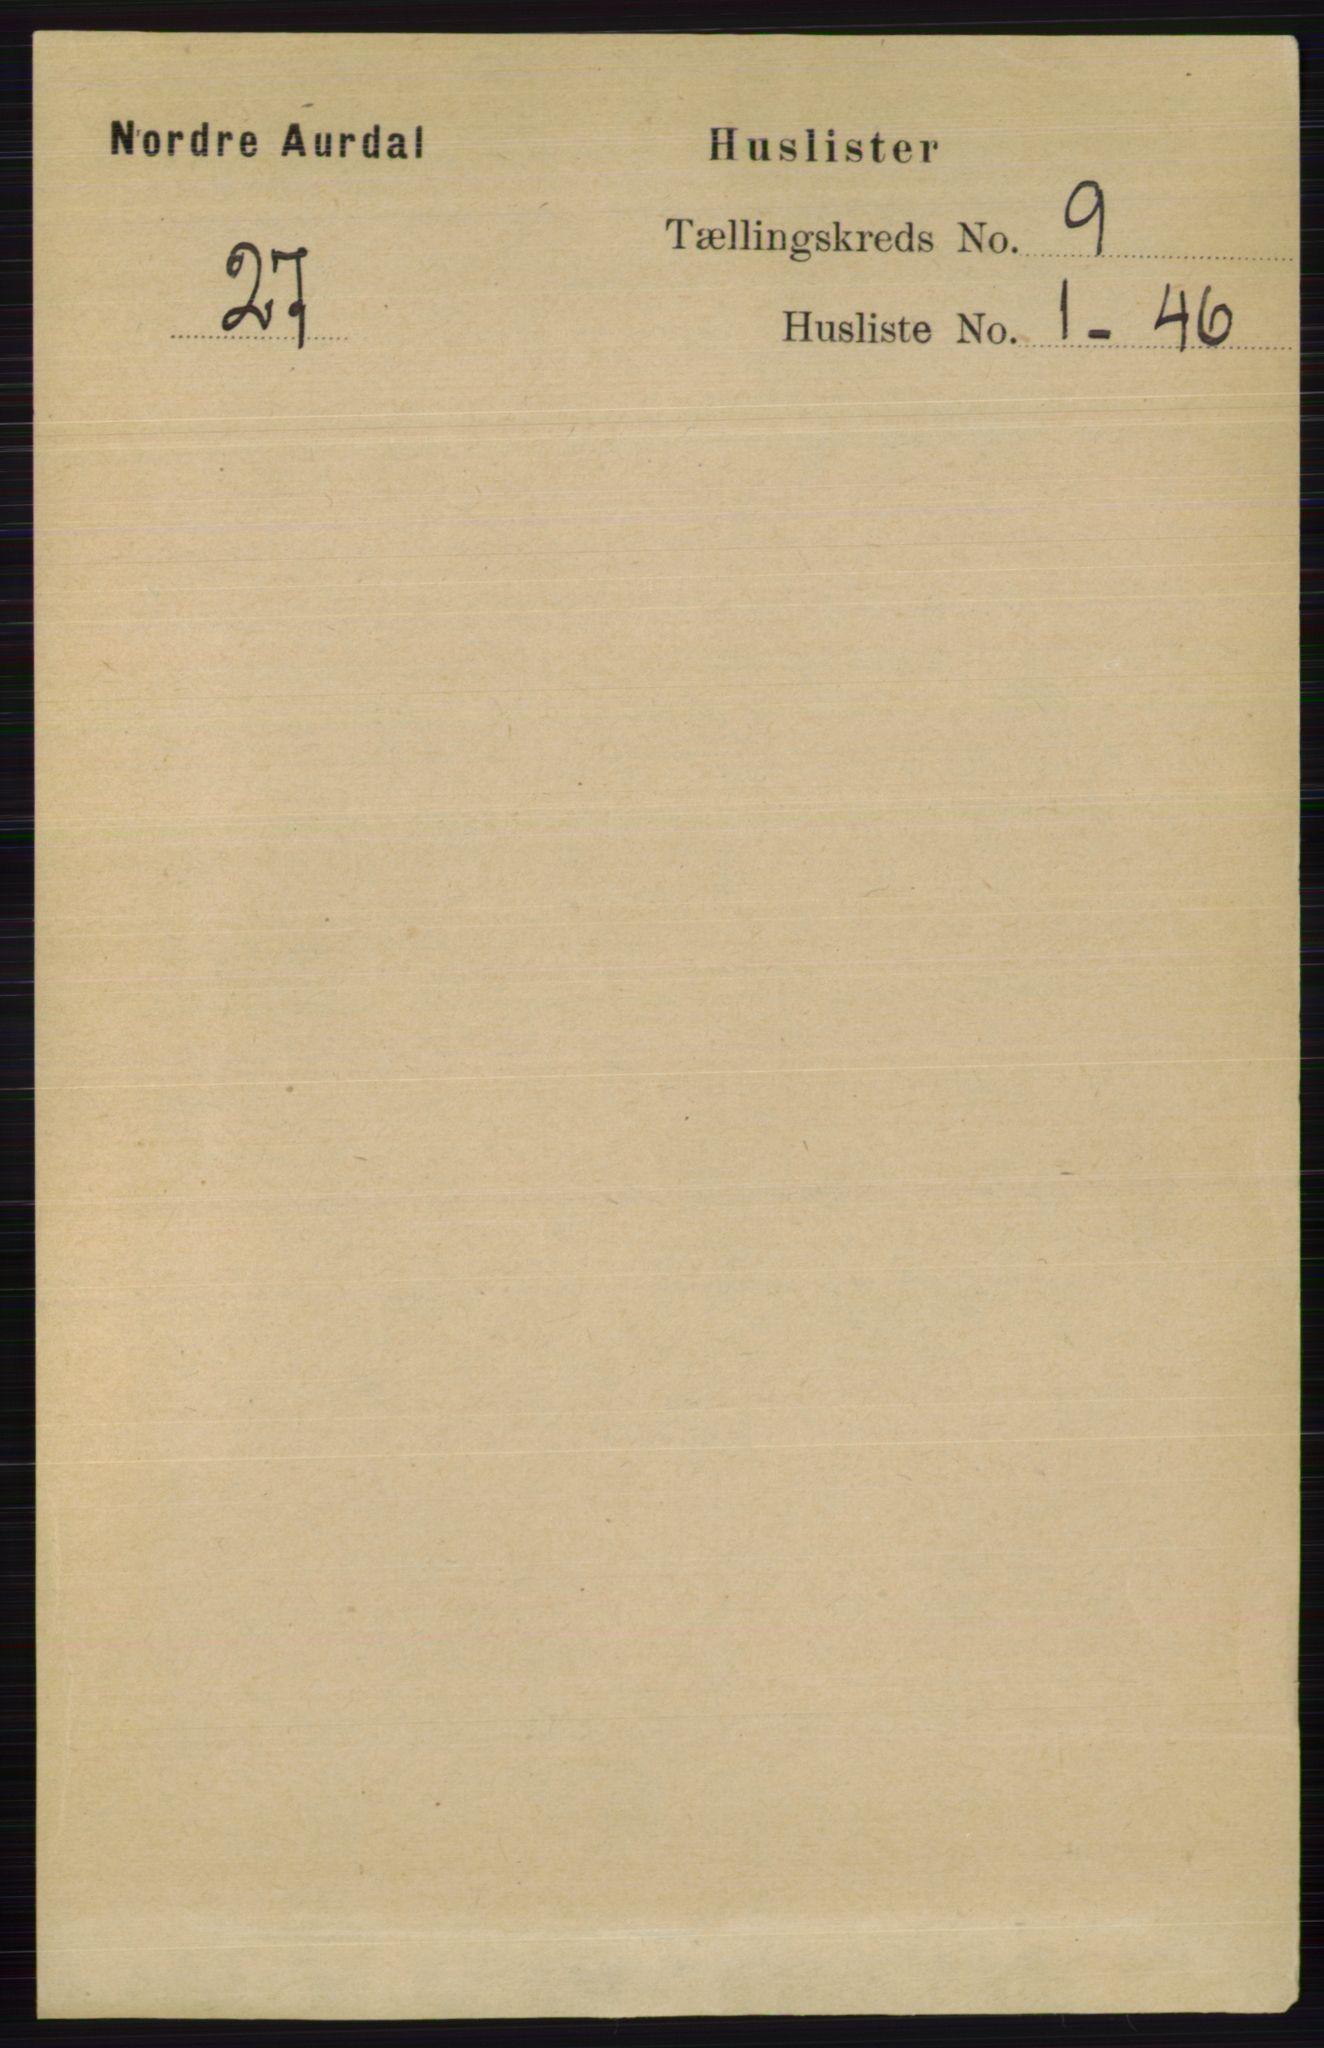 RA, Folketelling 1891 for 0542 Nord-Aurdal herred, 1891, s. 3367